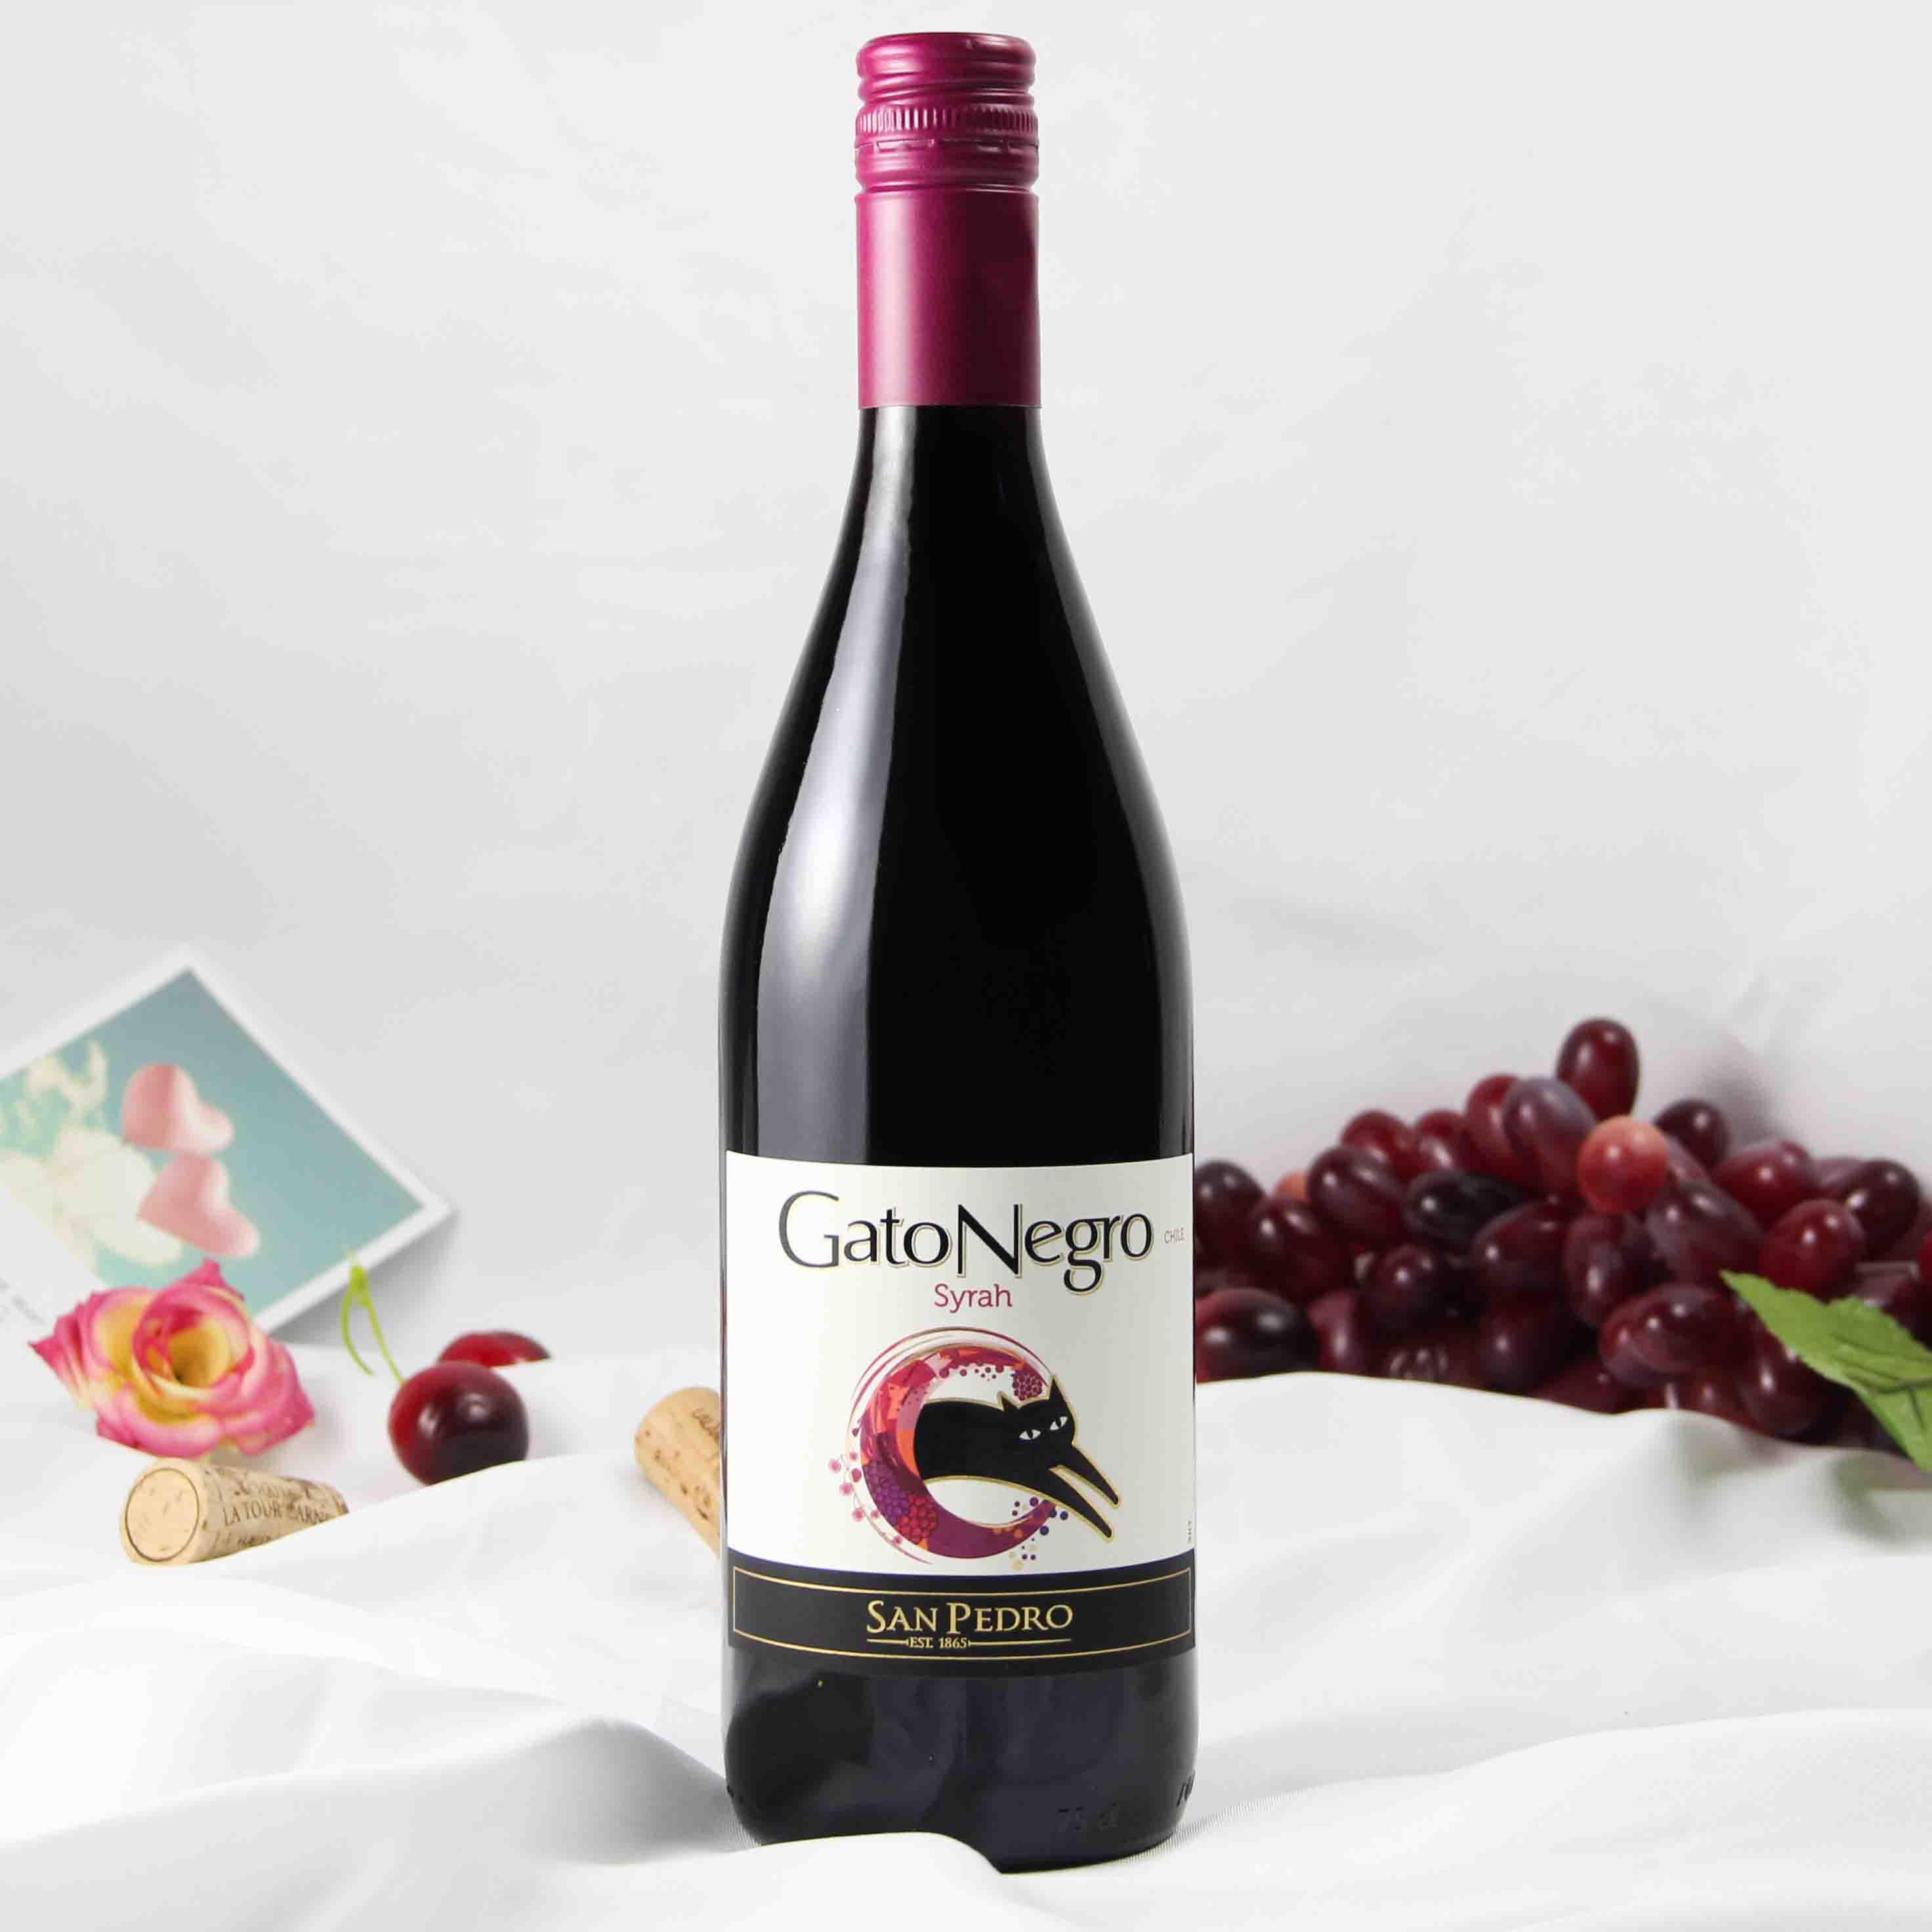 智利中央山谷黑猫西拉红葡萄酒红酒